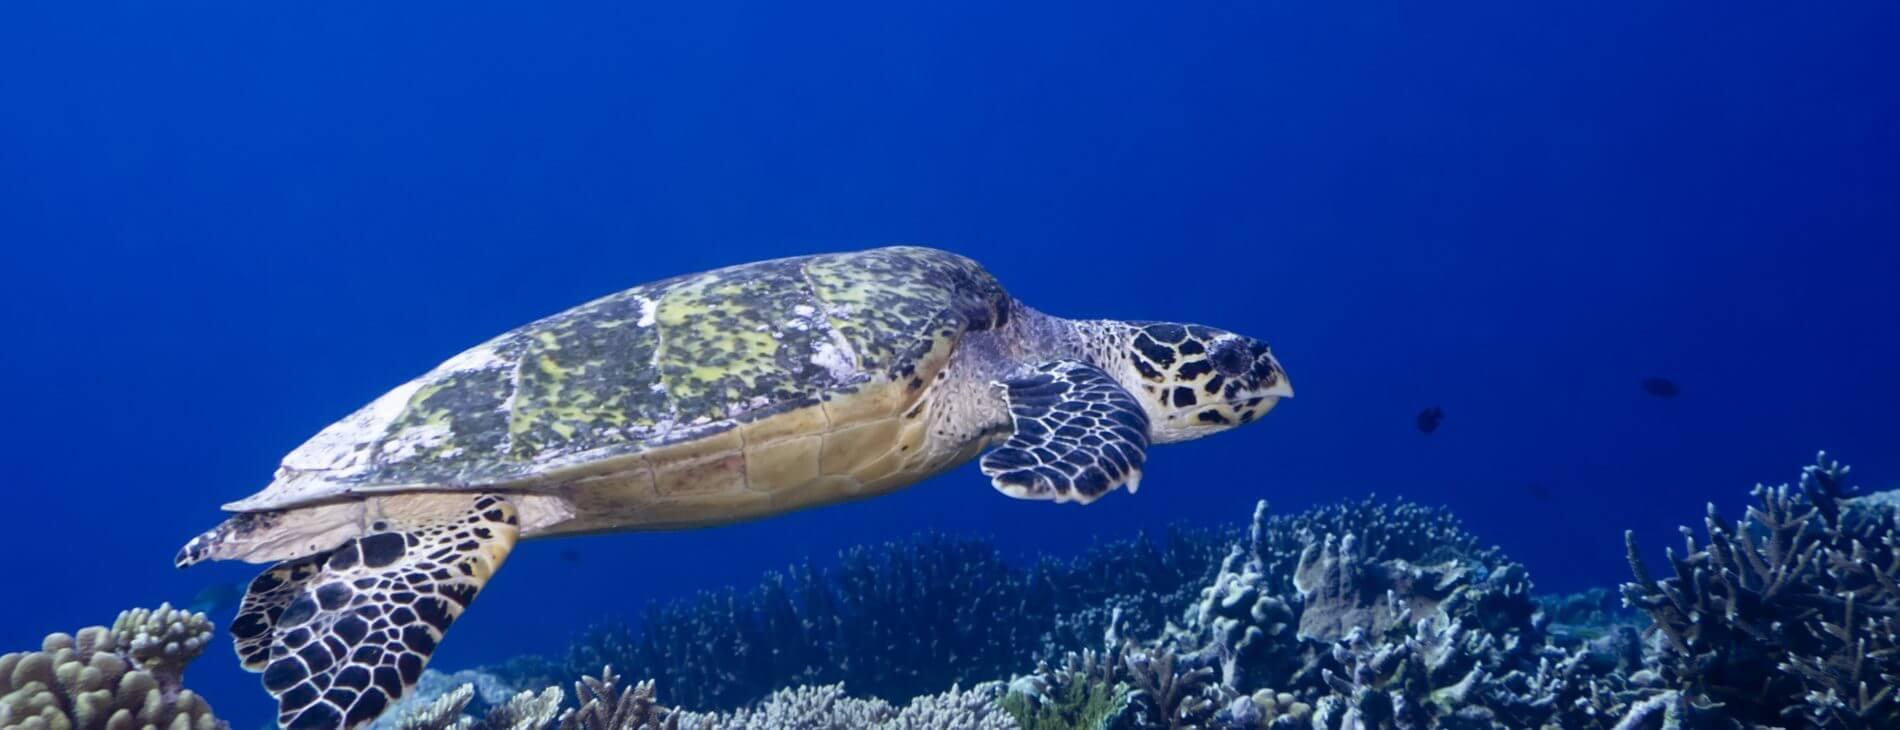 Mastroviaggiatore maldive crociera-southatolls-addu-turtle